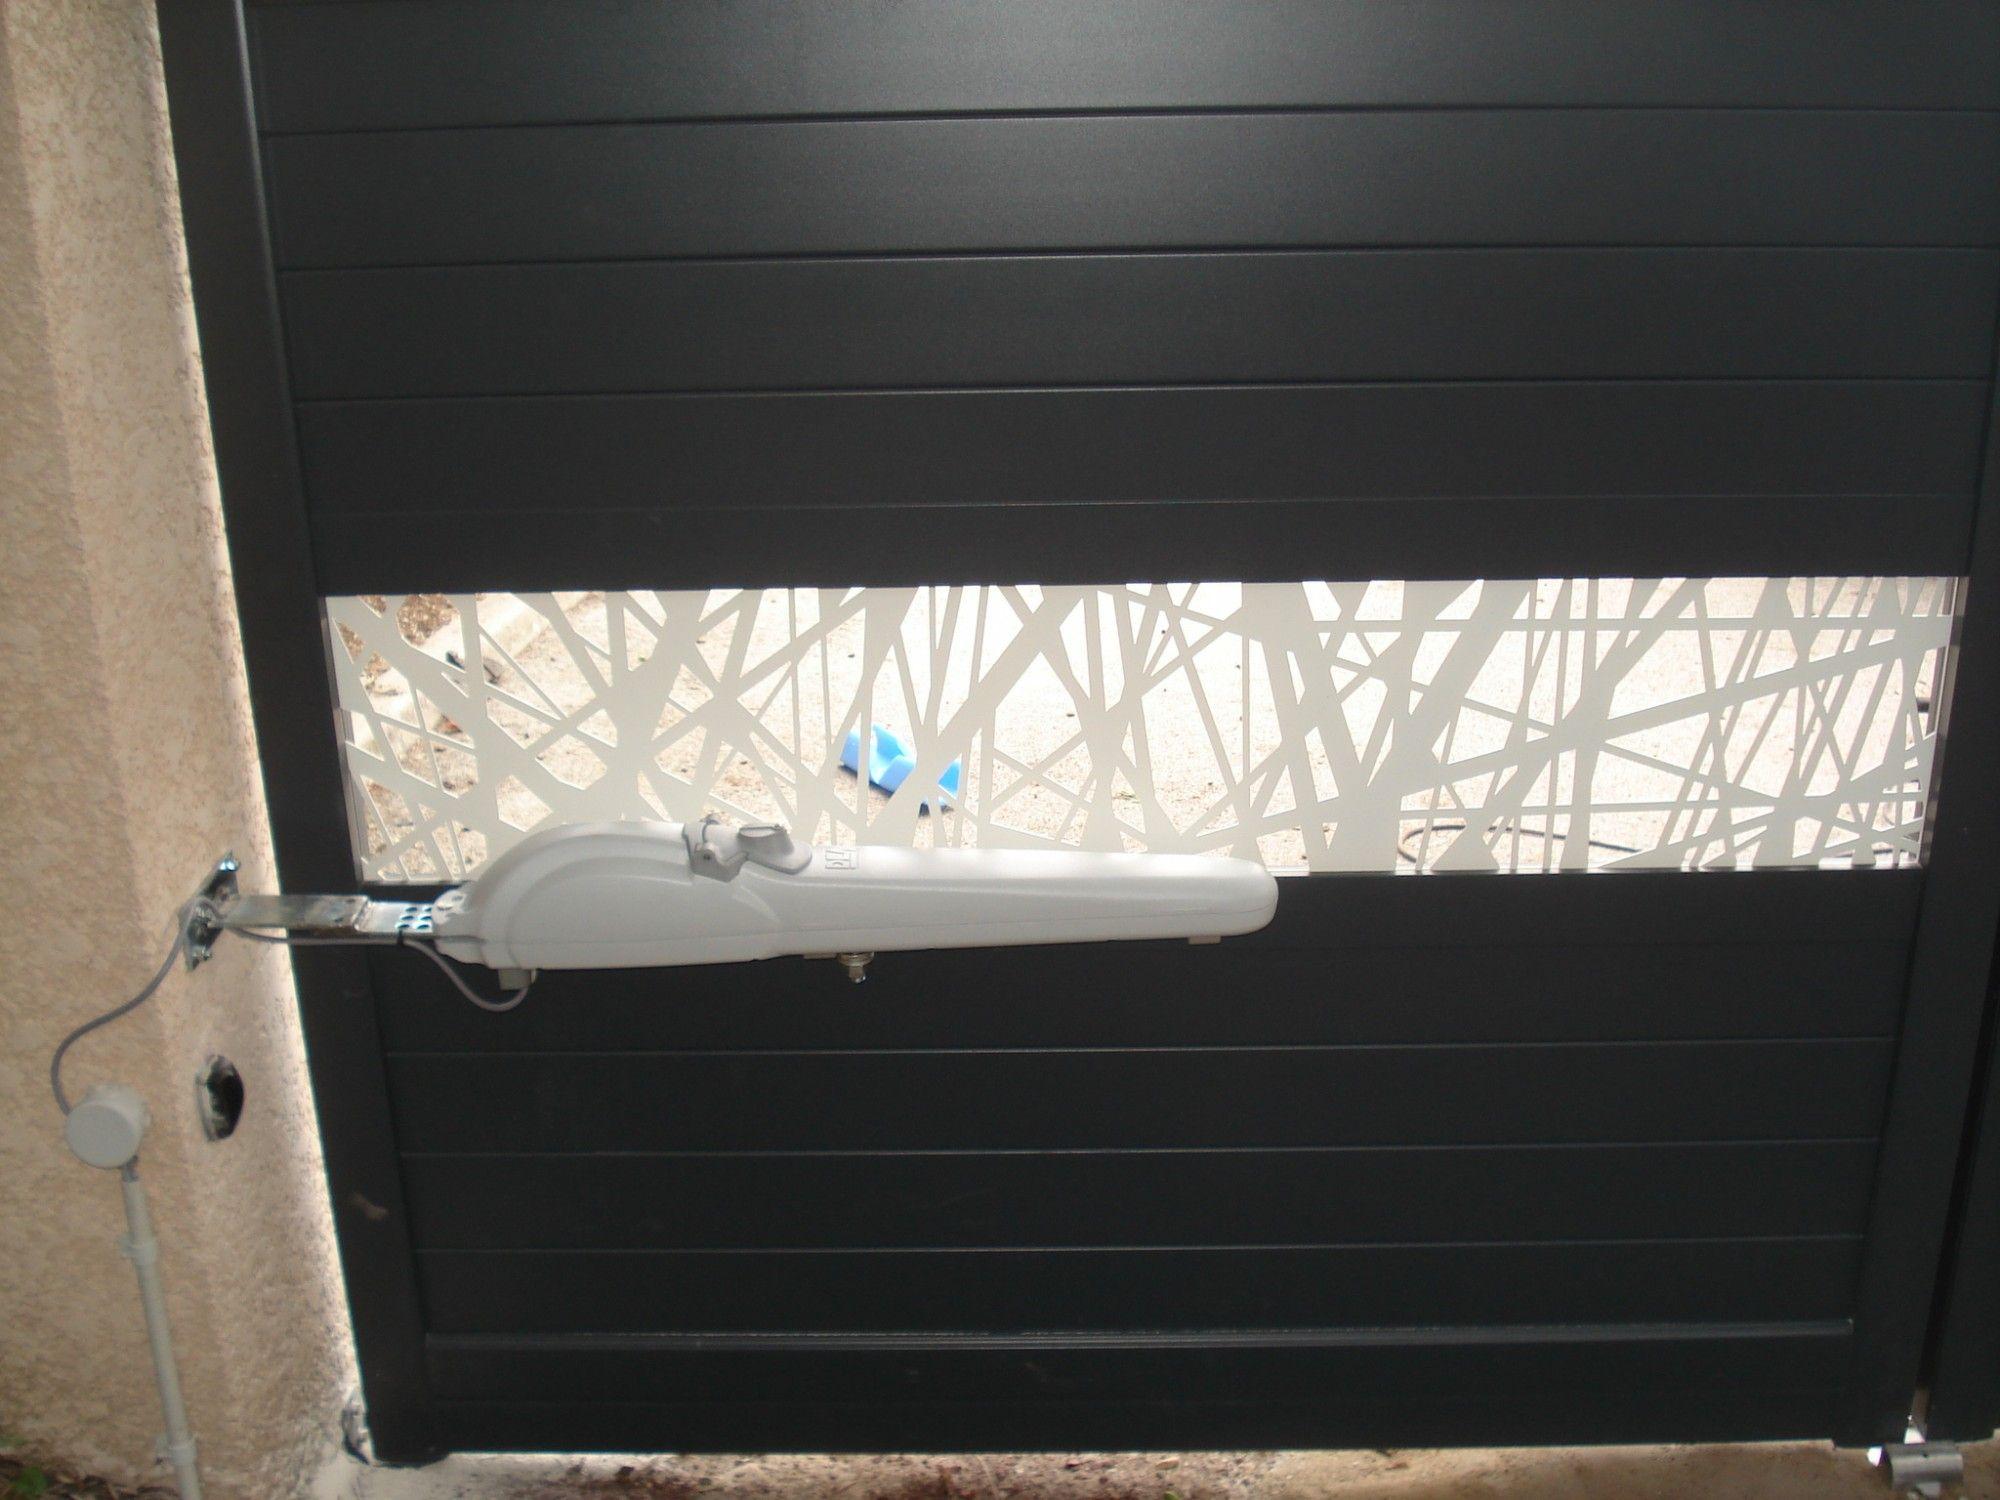 motorisation solaire pour portail a proximite aix en provence vente et pose de portails. Black Bedroom Furniture Sets. Home Design Ideas